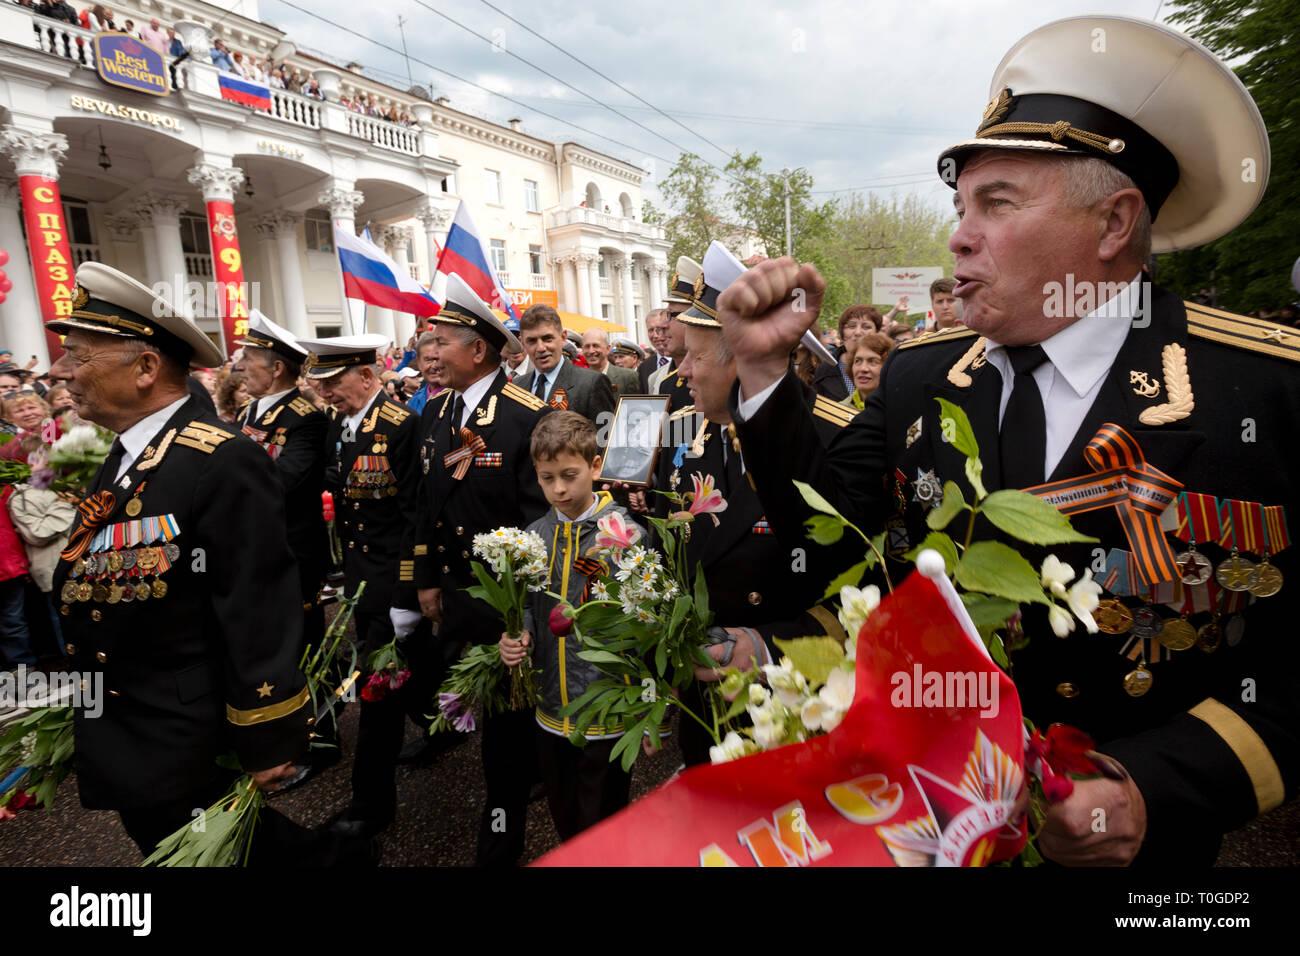 Veteranen, Offiziere, um die Träger der Schwarzmeerflotte in der Parade der Gewinner auf der zentralen Straße von Sewastopol Stadt teilnehmen, Krim 9.05.2014 Stockbild